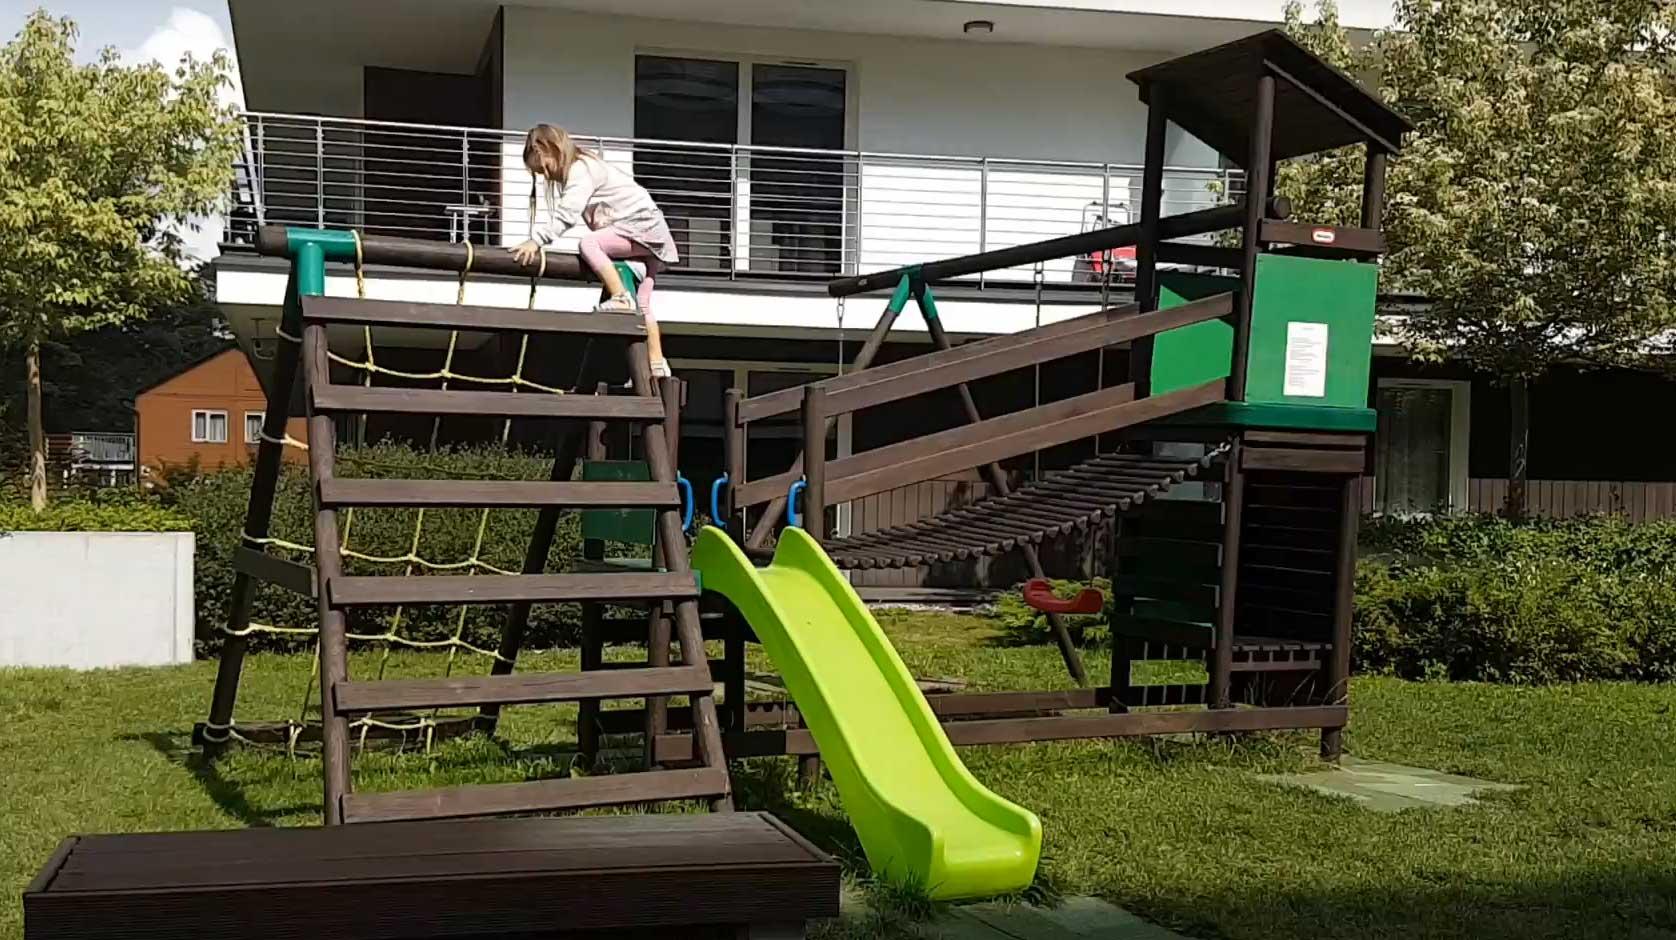 Full Size of Spielturm Test 2020 Vergleich Der Besten Spieltrme Garten Tisch Spielhaus Holz Schaukelstuhl Mastleuchten Trennwand Trennwände Kunststoff Sitzgruppe Garten Kletterturm Garten